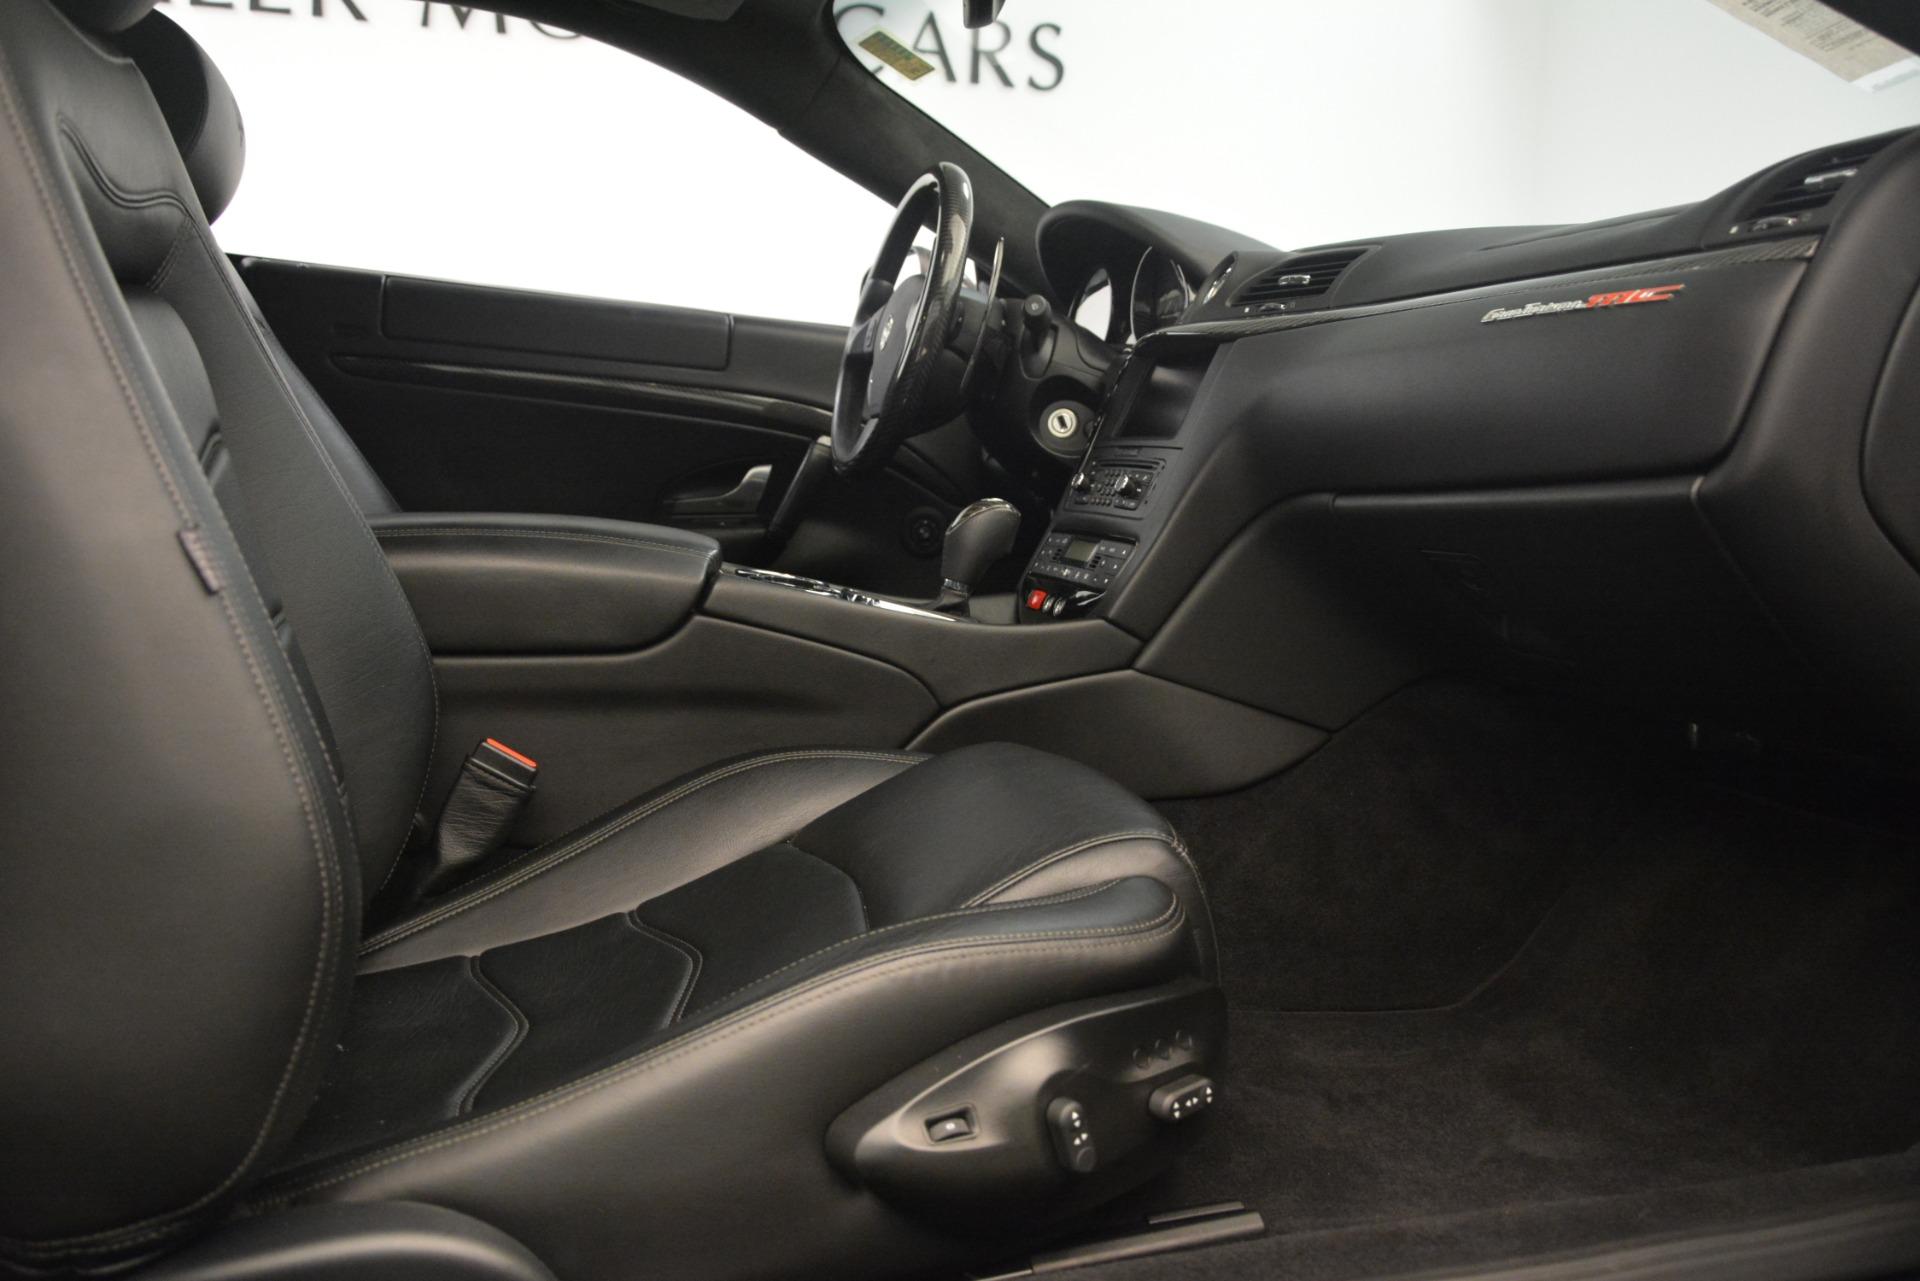 Used 2012 Maserati GranTurismo MC For Sale In Westport, CT 1284_p21